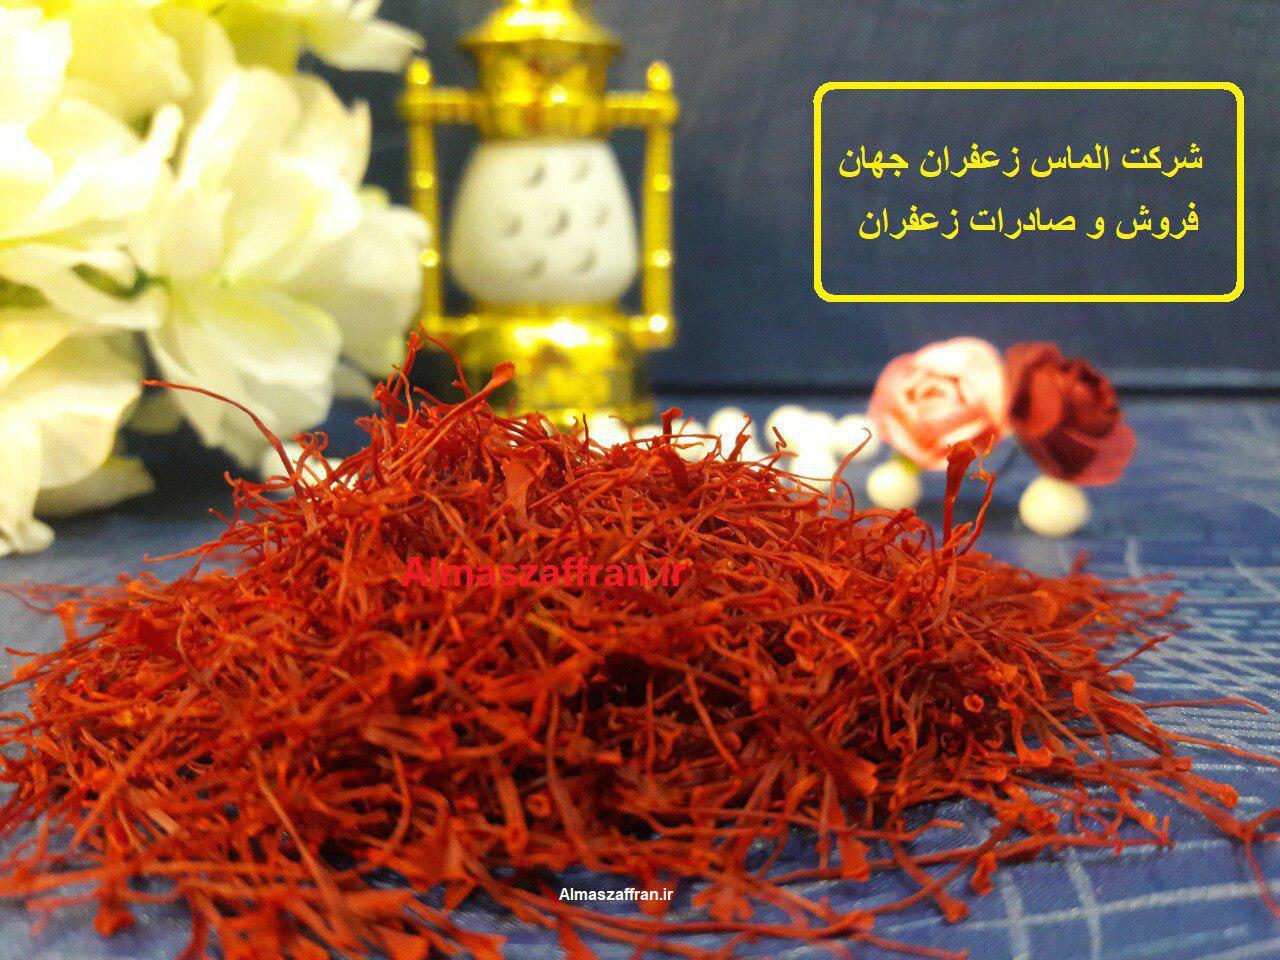 قیمت زعفران در بازار فروش زعفران